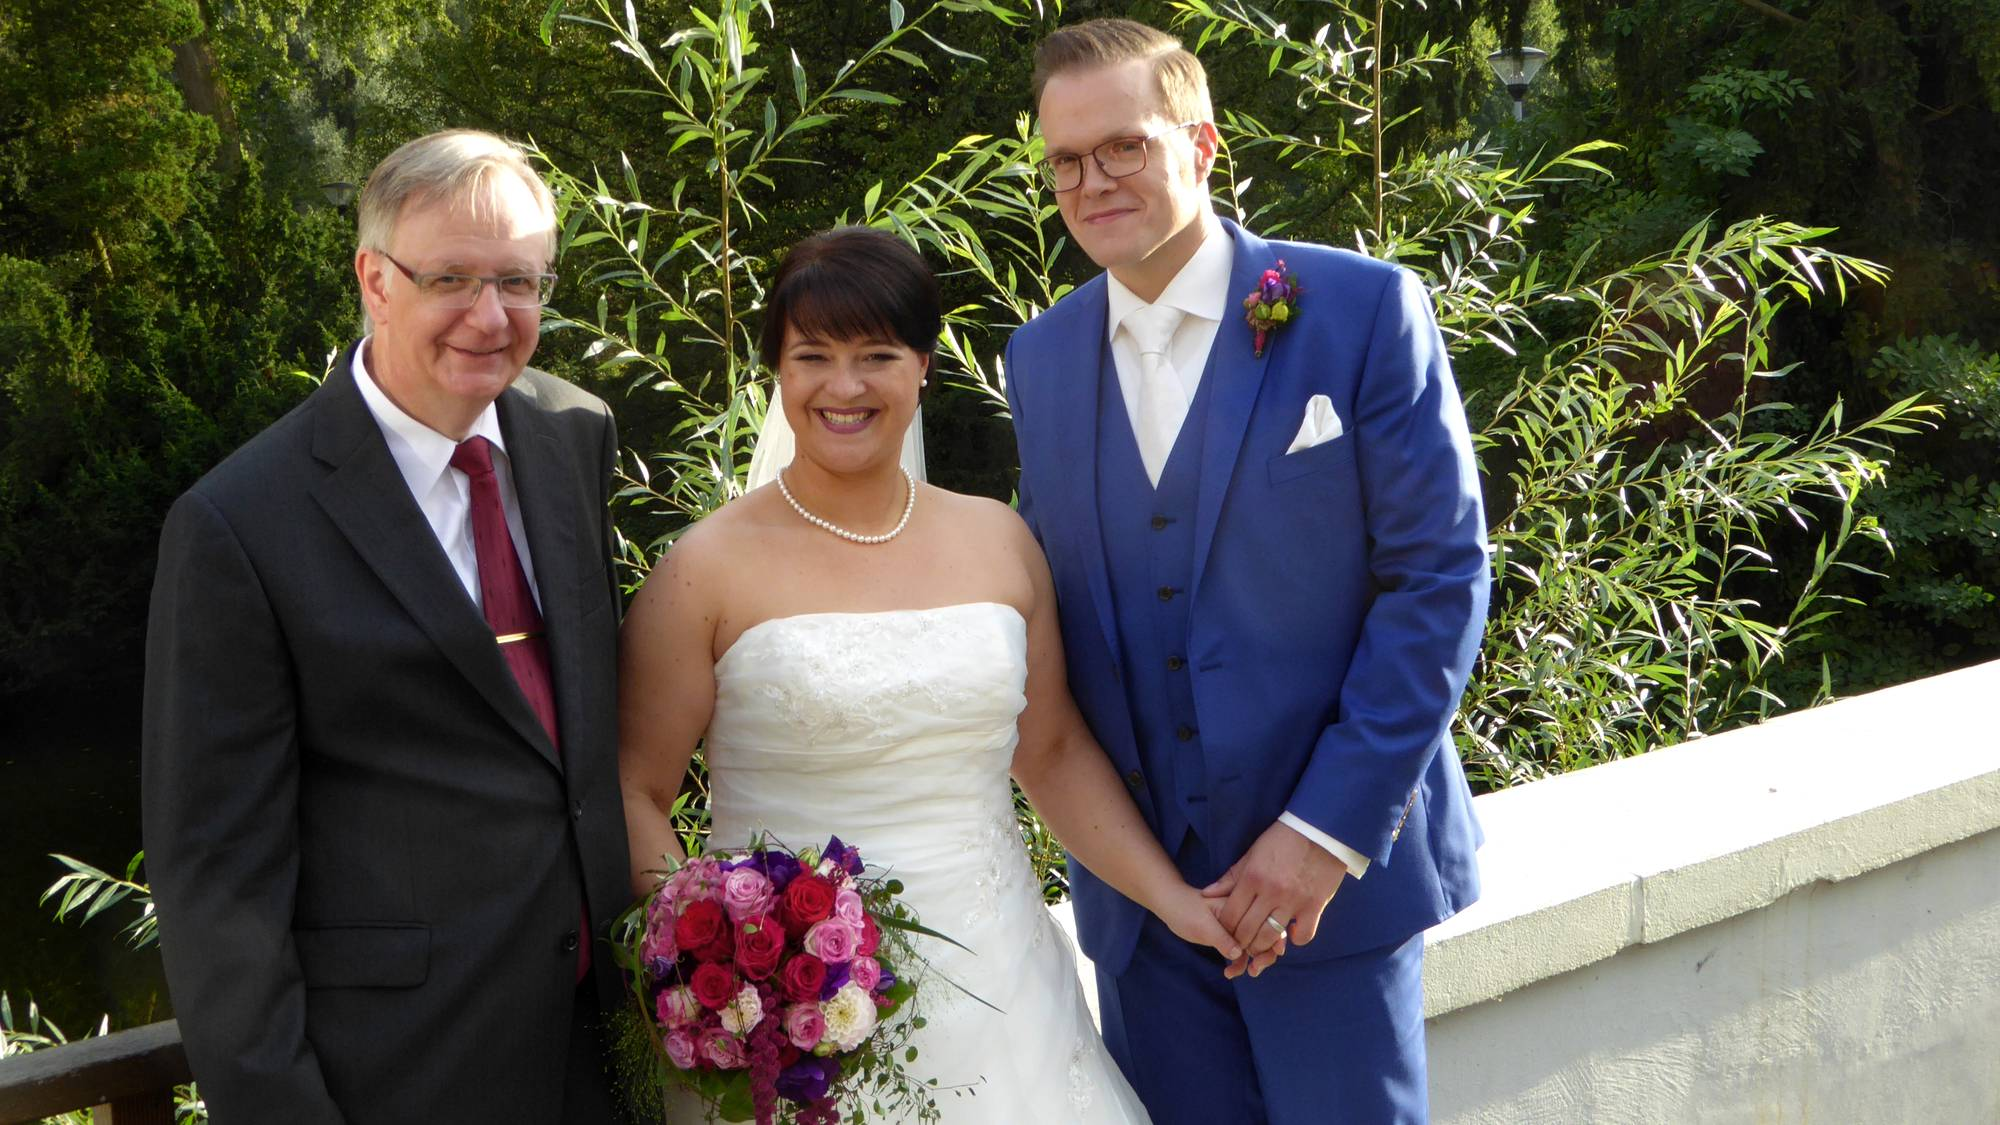 Freie Hochzeitszeremonie auf Schloss Berge in Gelsenkirchen